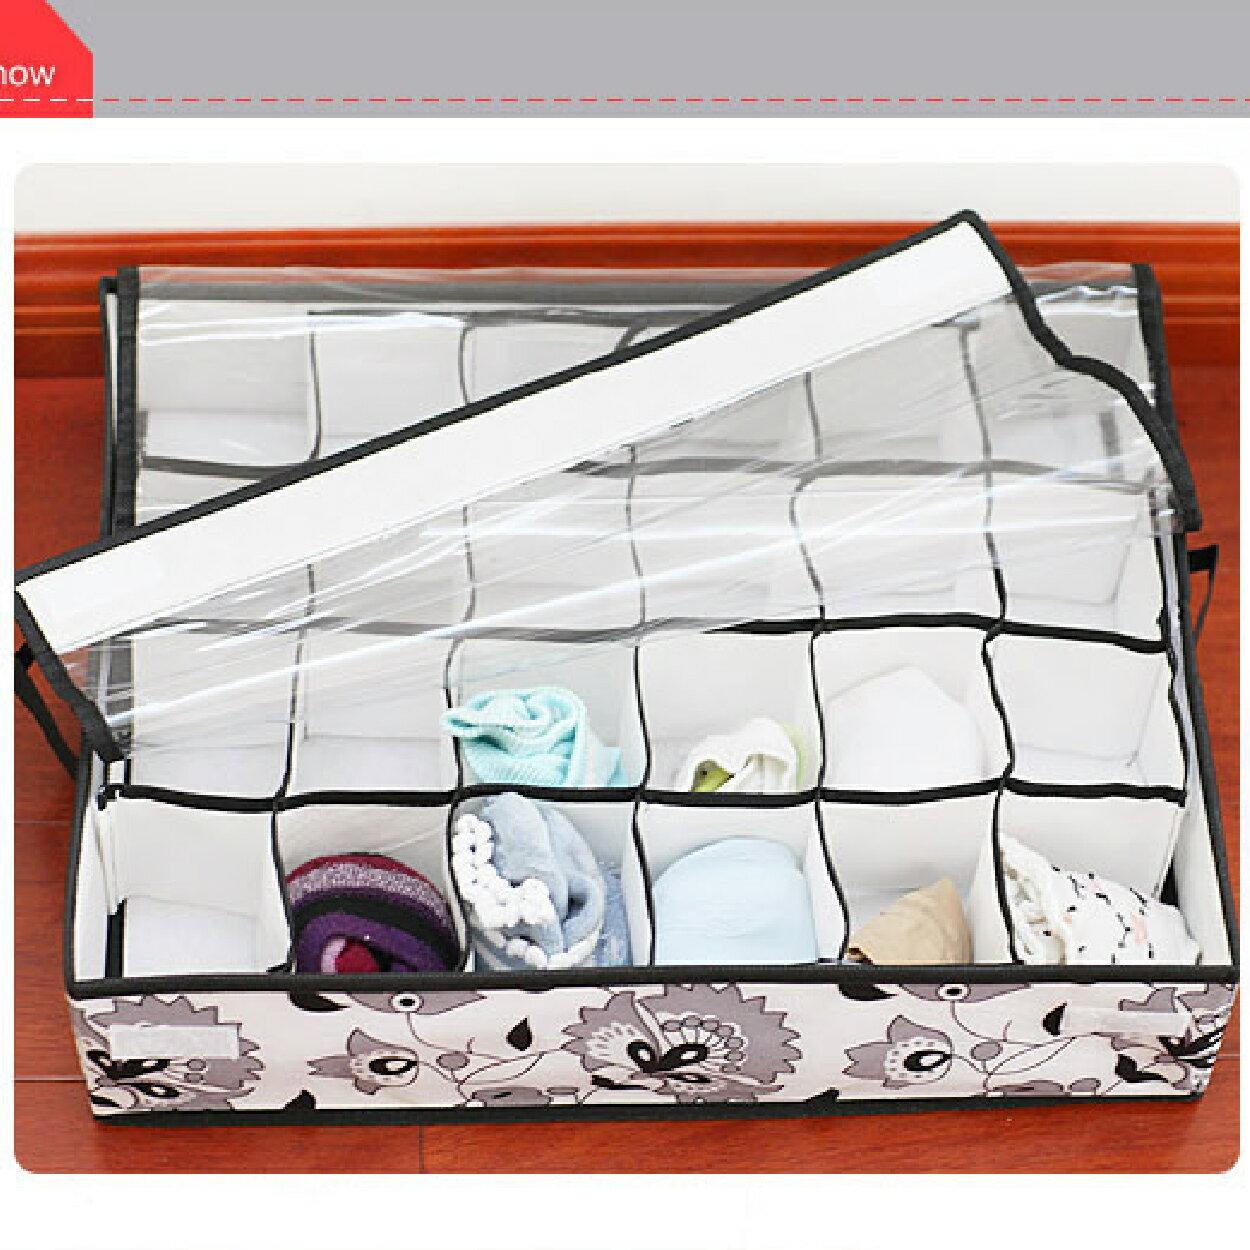 美麗大街【BF182E29】正品嘉居伴侶秋逸樂章系列-時尚創意16格透明有蓋內衣盒收納整理箱 收納箱 防塵箱